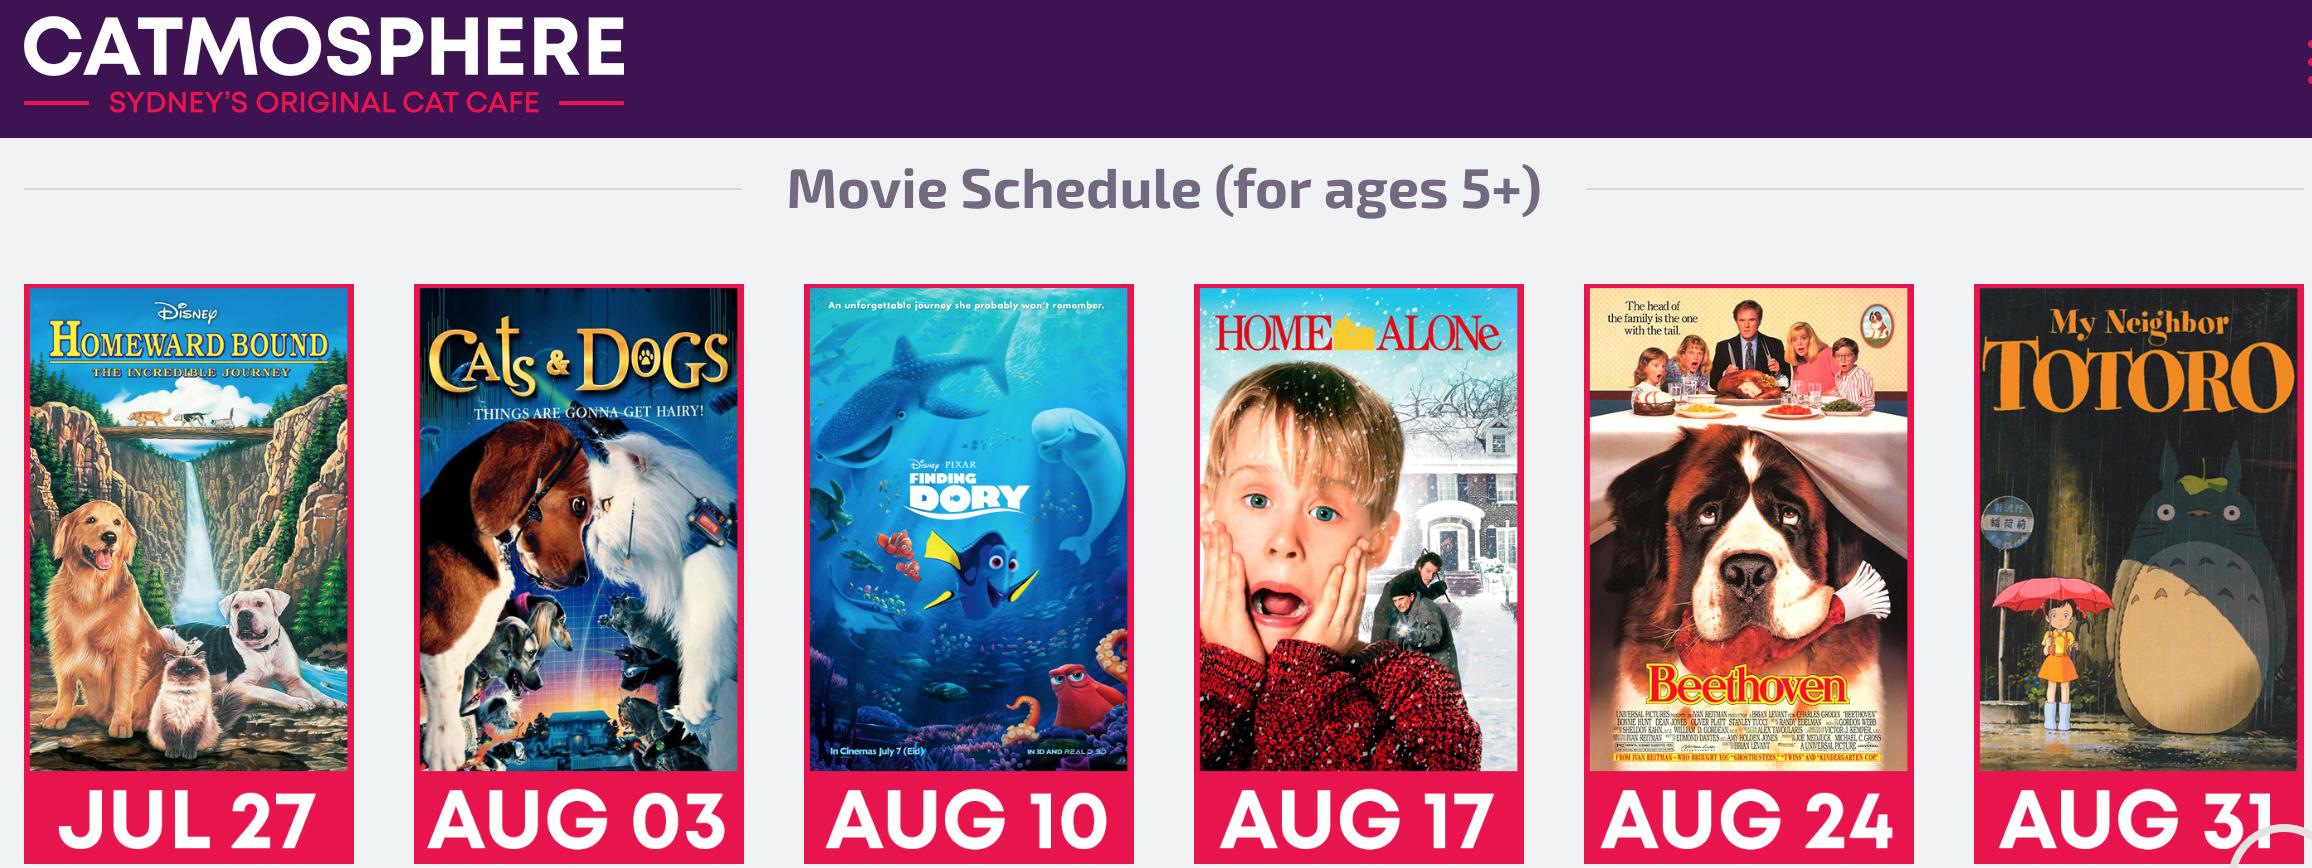 Screen Shot 2018-07-26 at 4.50.35 pm.png